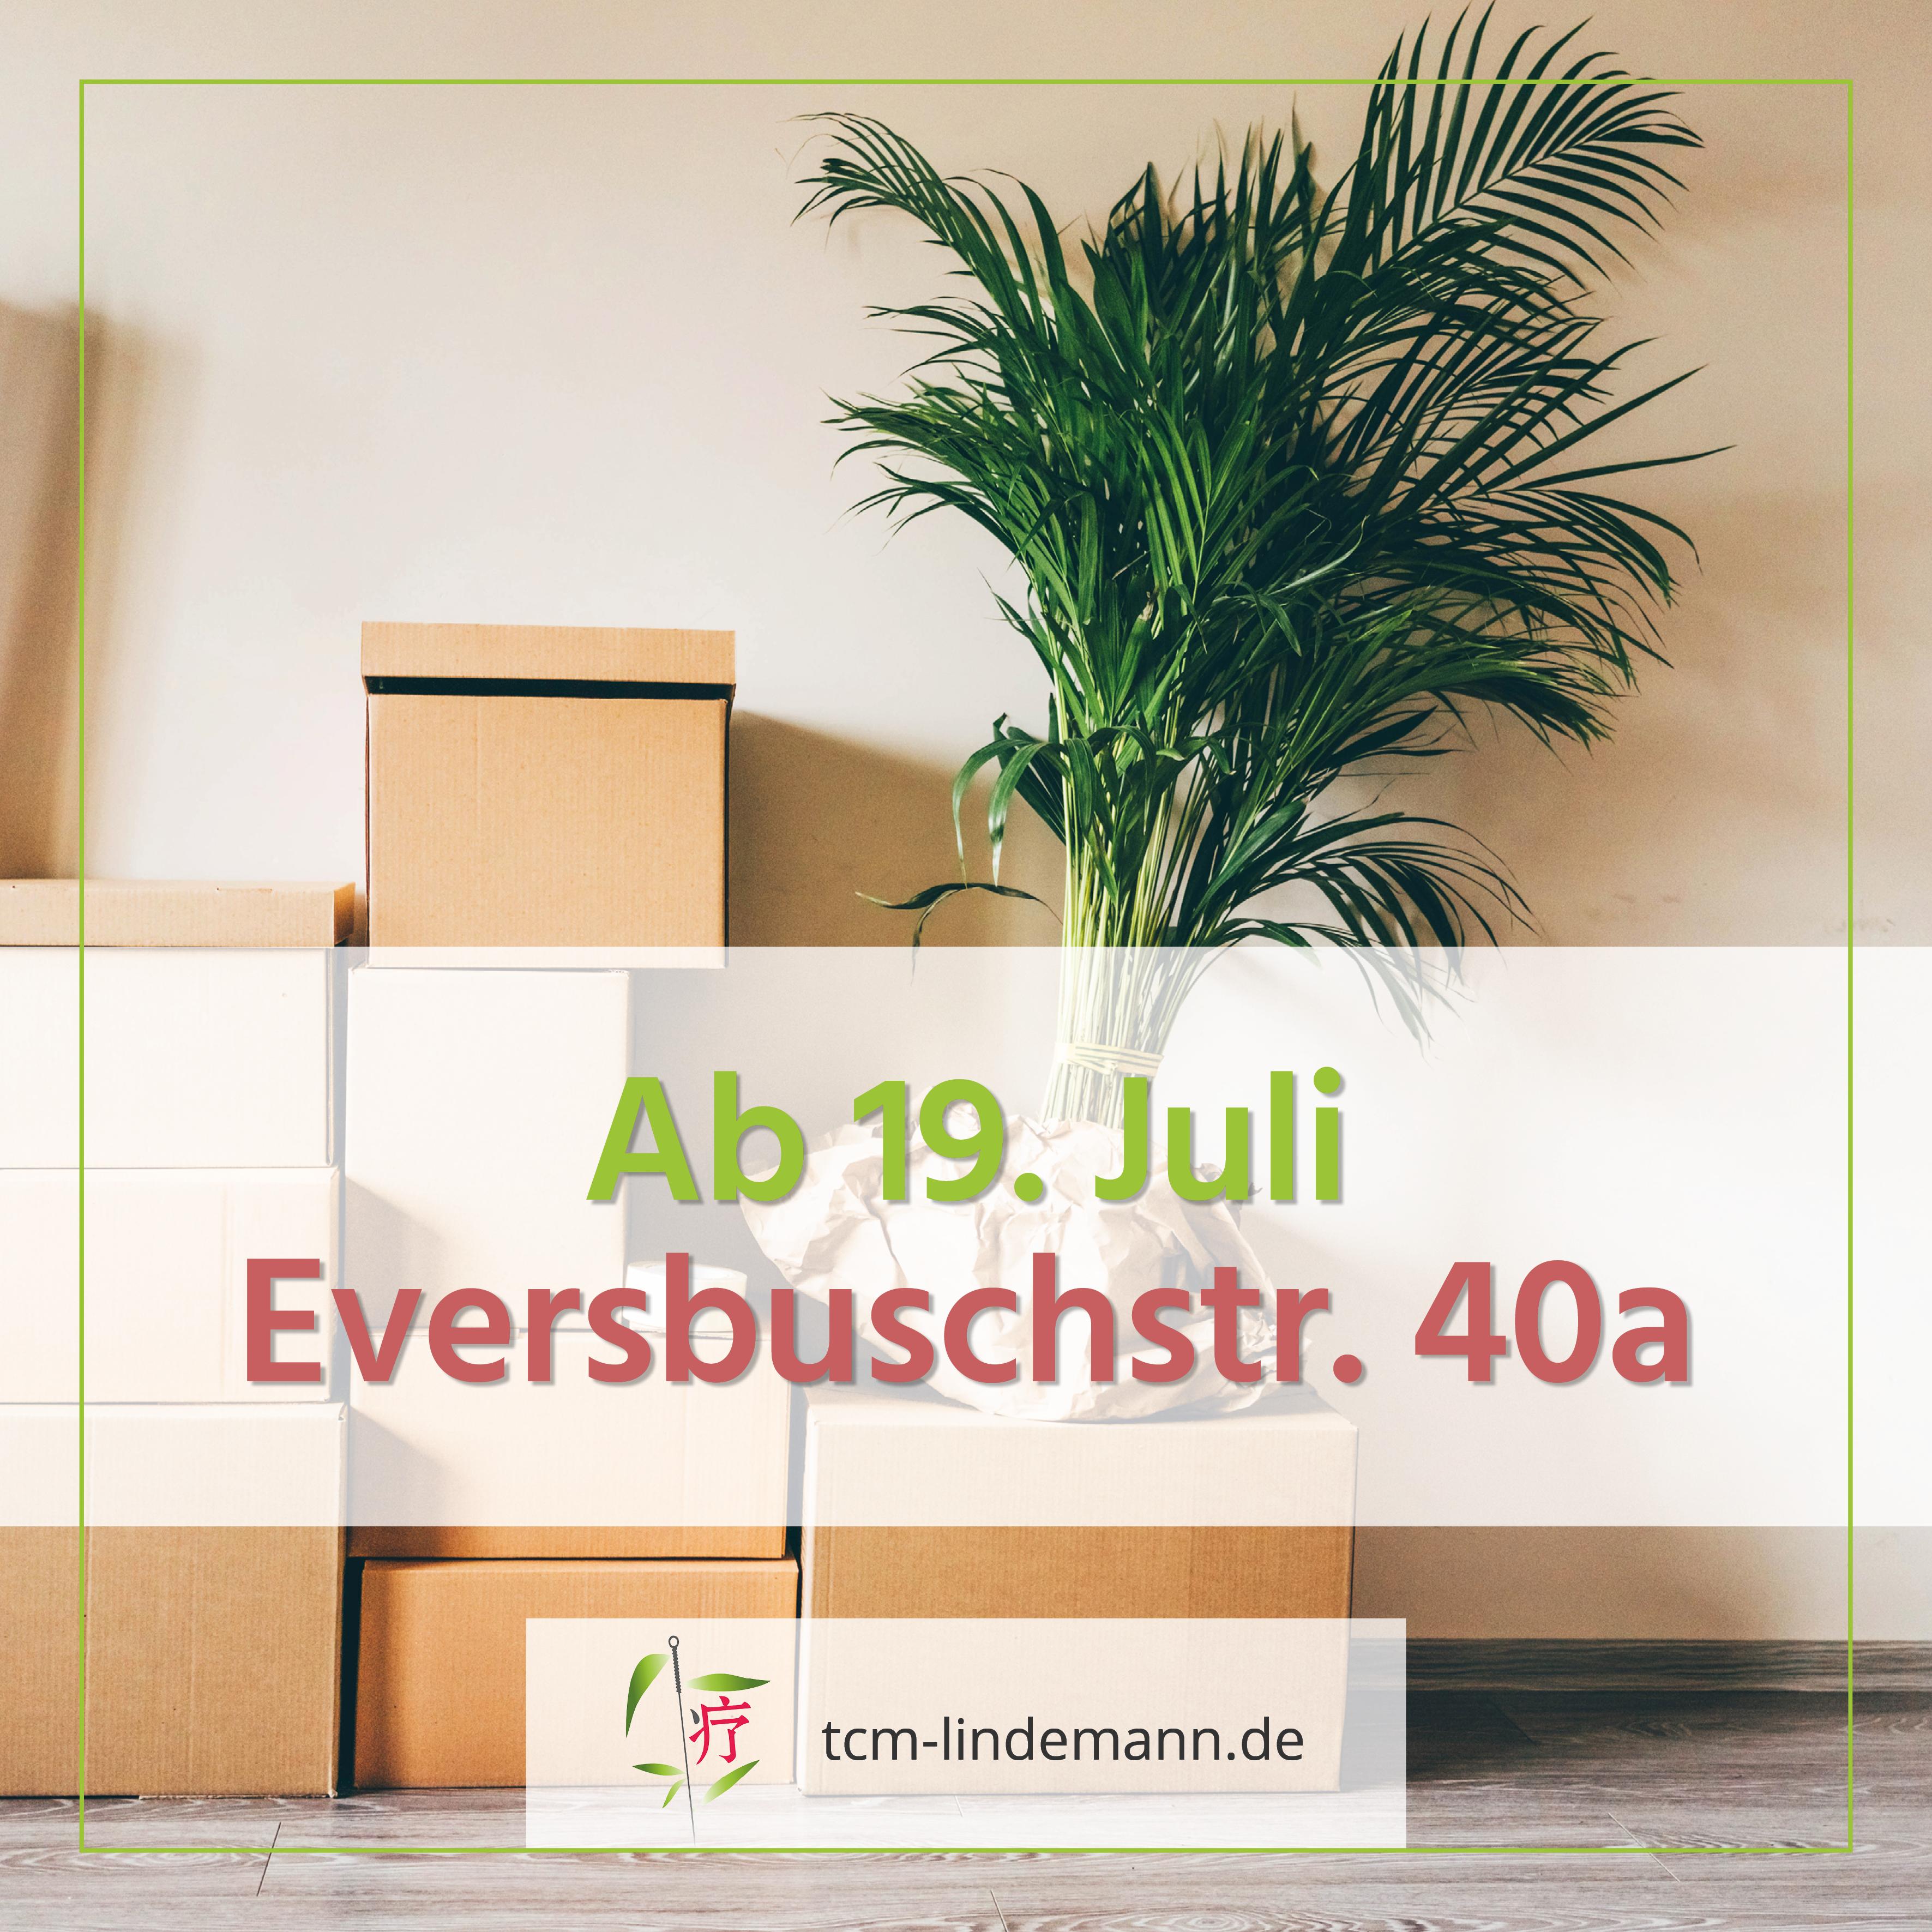 Neue Adresse: Praxis Dr. Nicolle Lindemann ist jetzt in der Eversbuchstraße 40a in München!